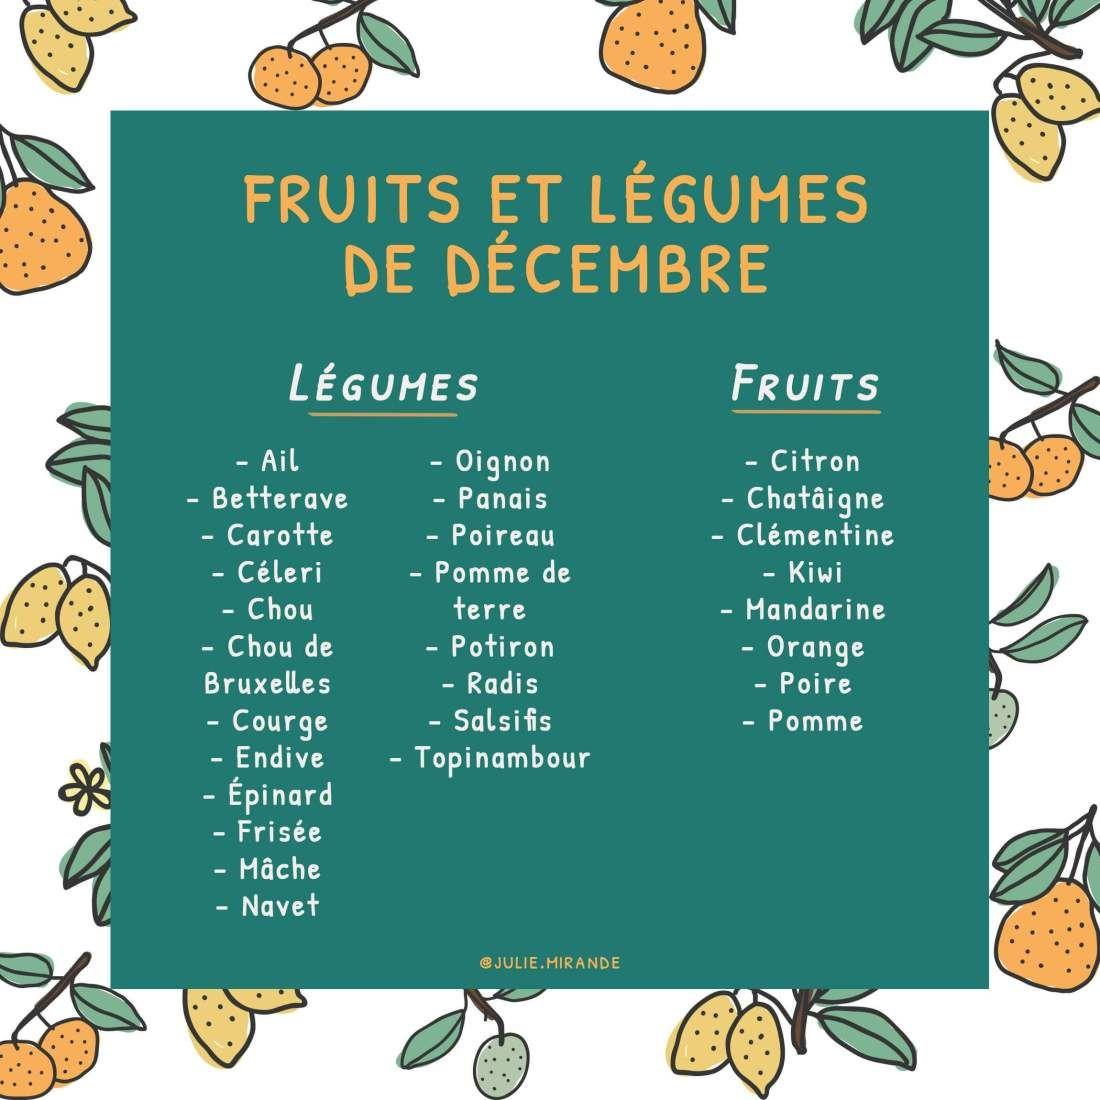 Calendriers des fruits et légumes de saison Fruits et